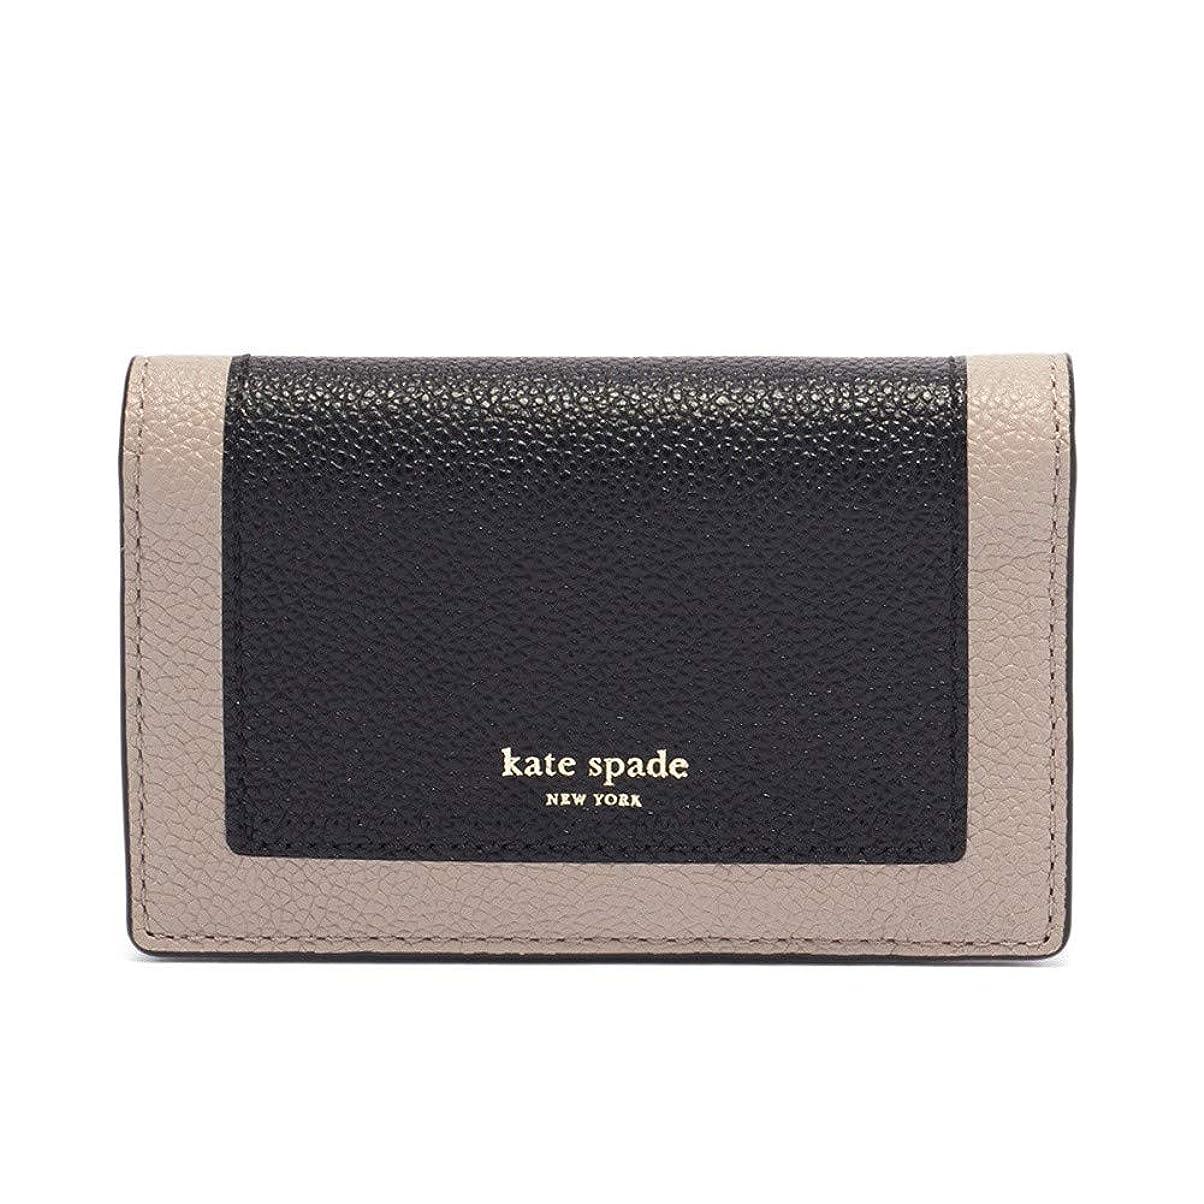 十分なレッスン主[ケイトスペード] Kate Spade カードケース マルゴー PWRU7157 106 BLK/WMTAUP [並行輸入品]